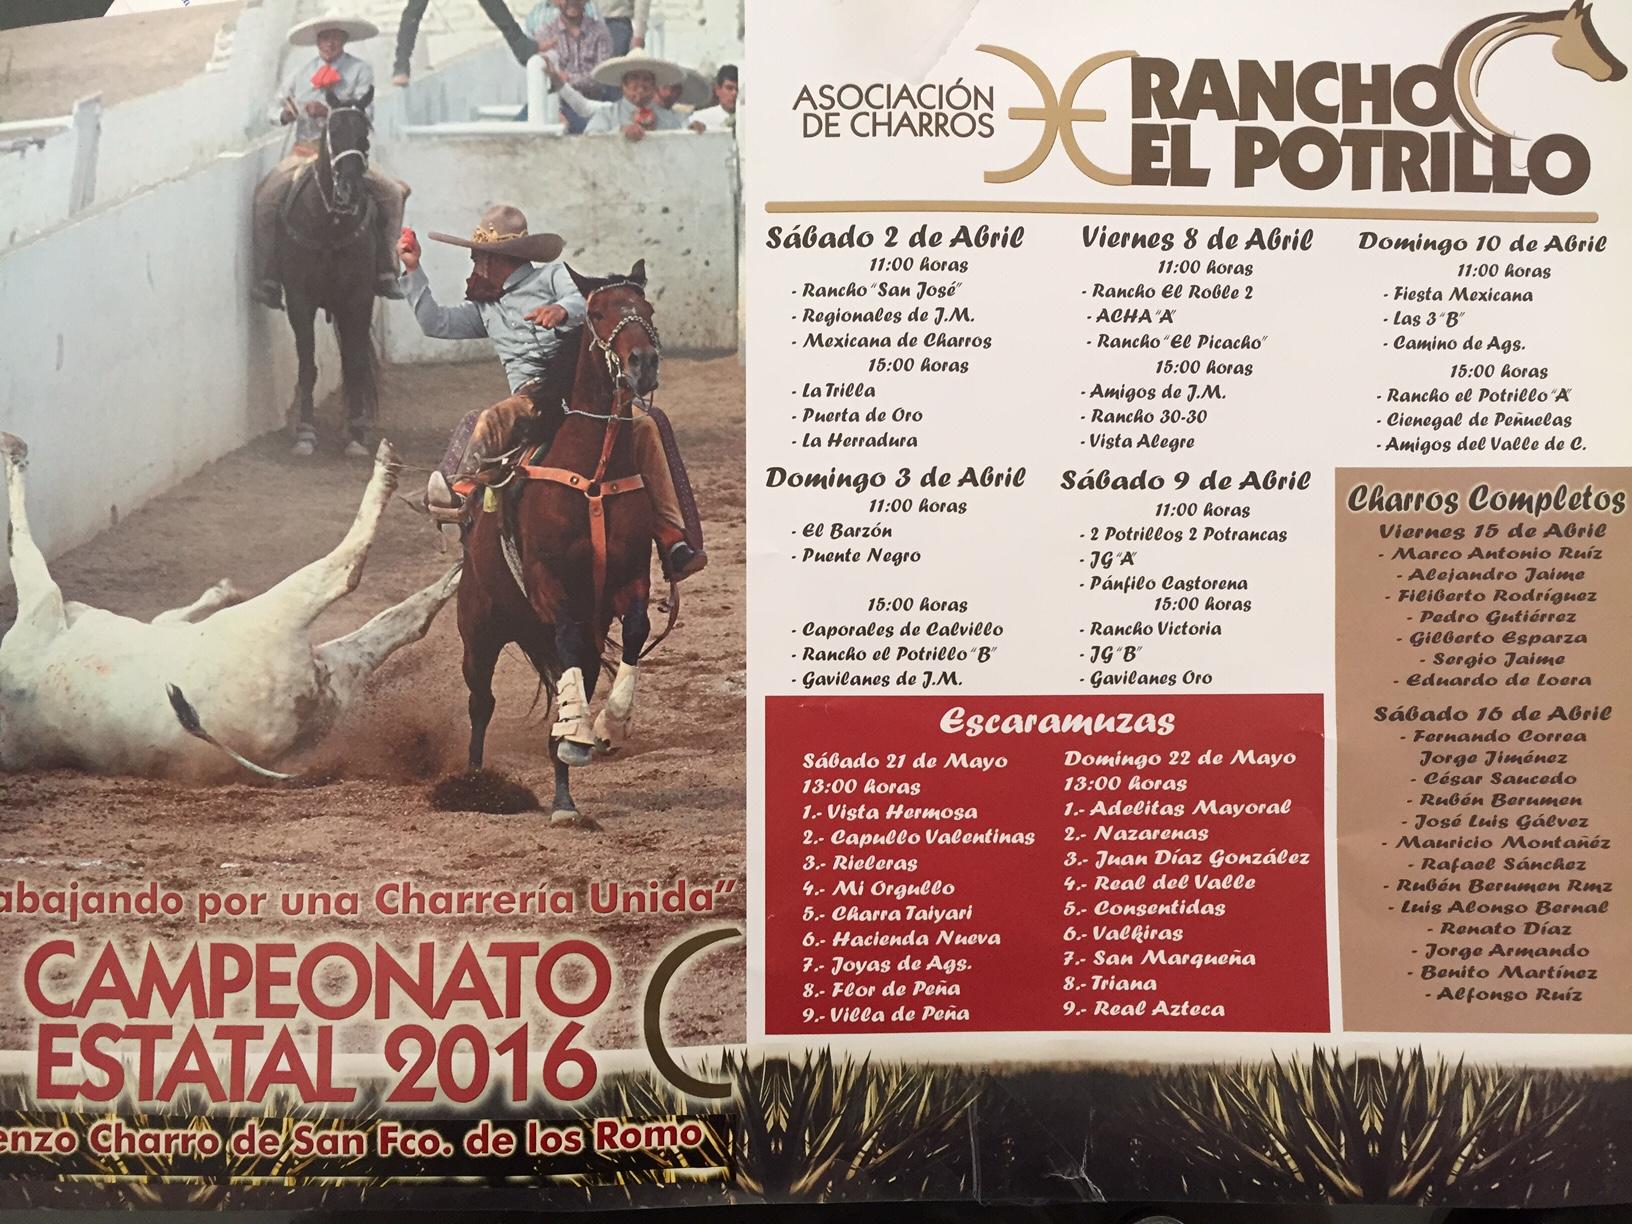 Se llevará a cabo el Campeonato Estatal Charro en San Fco de los Romo